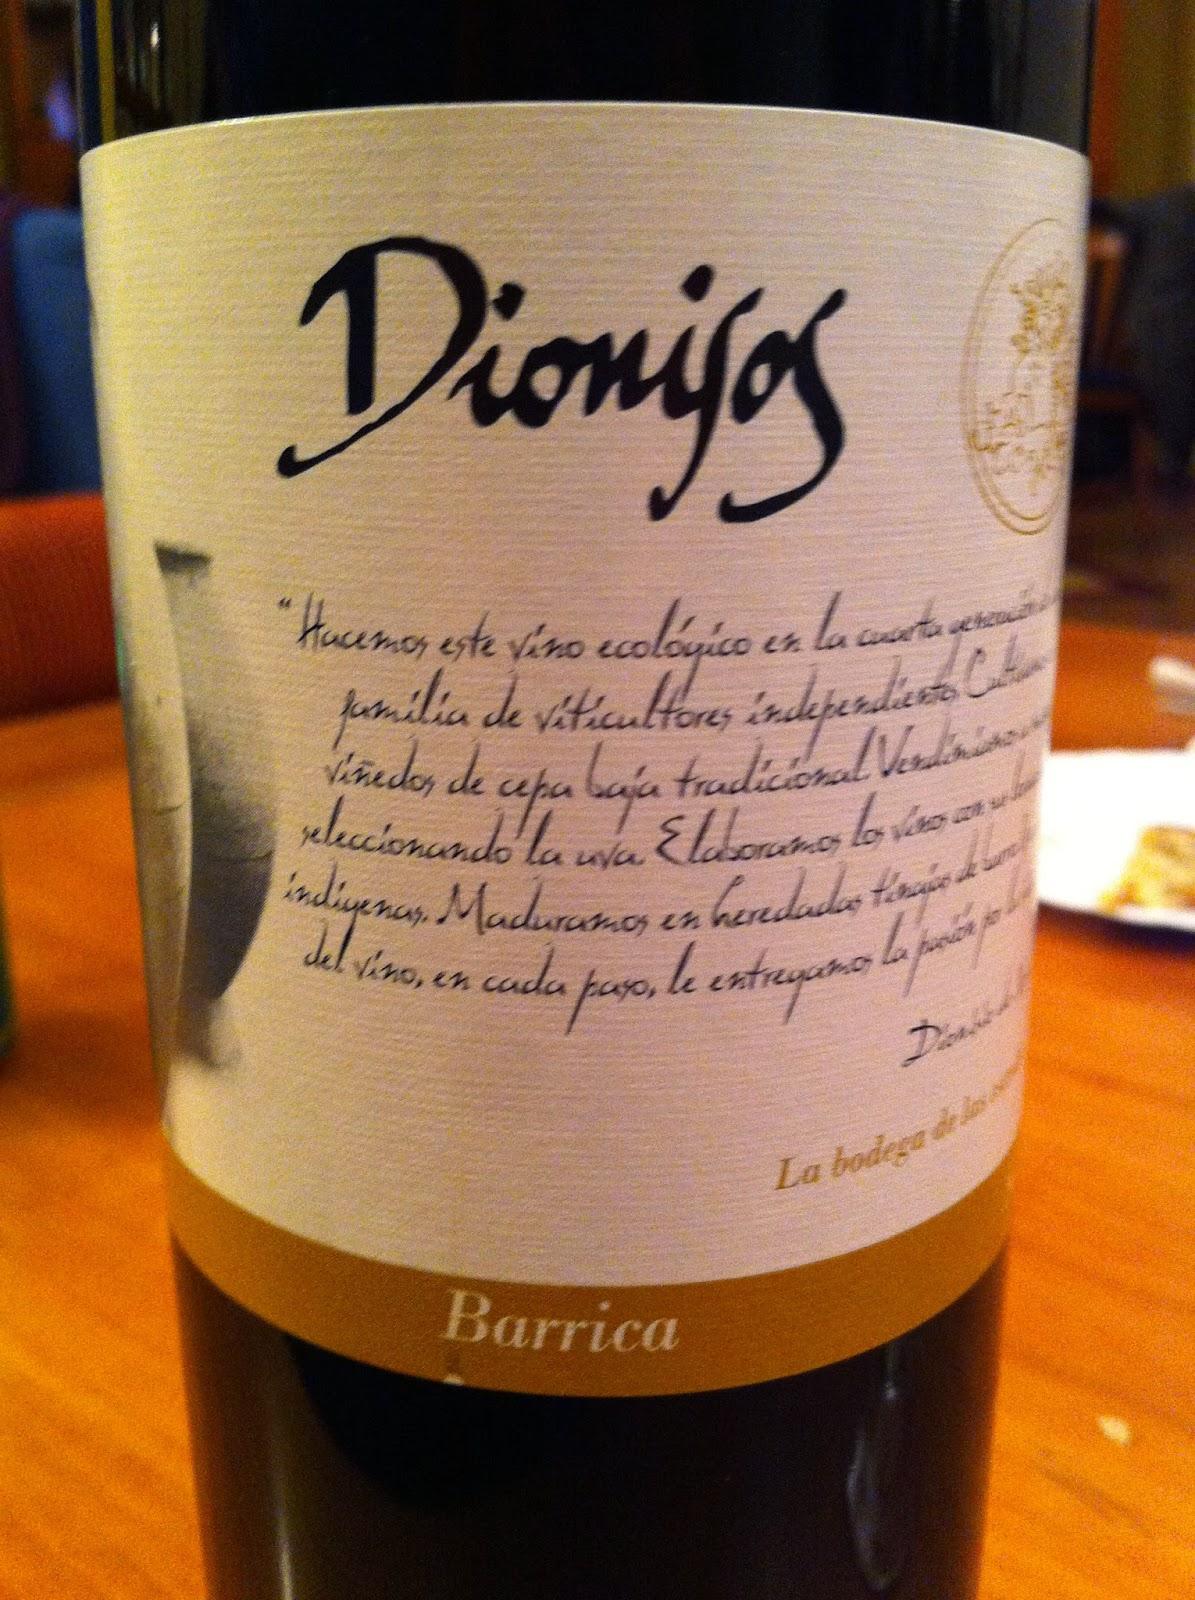 dionisos-barrica-2006-tierra-de-castilla-tinto